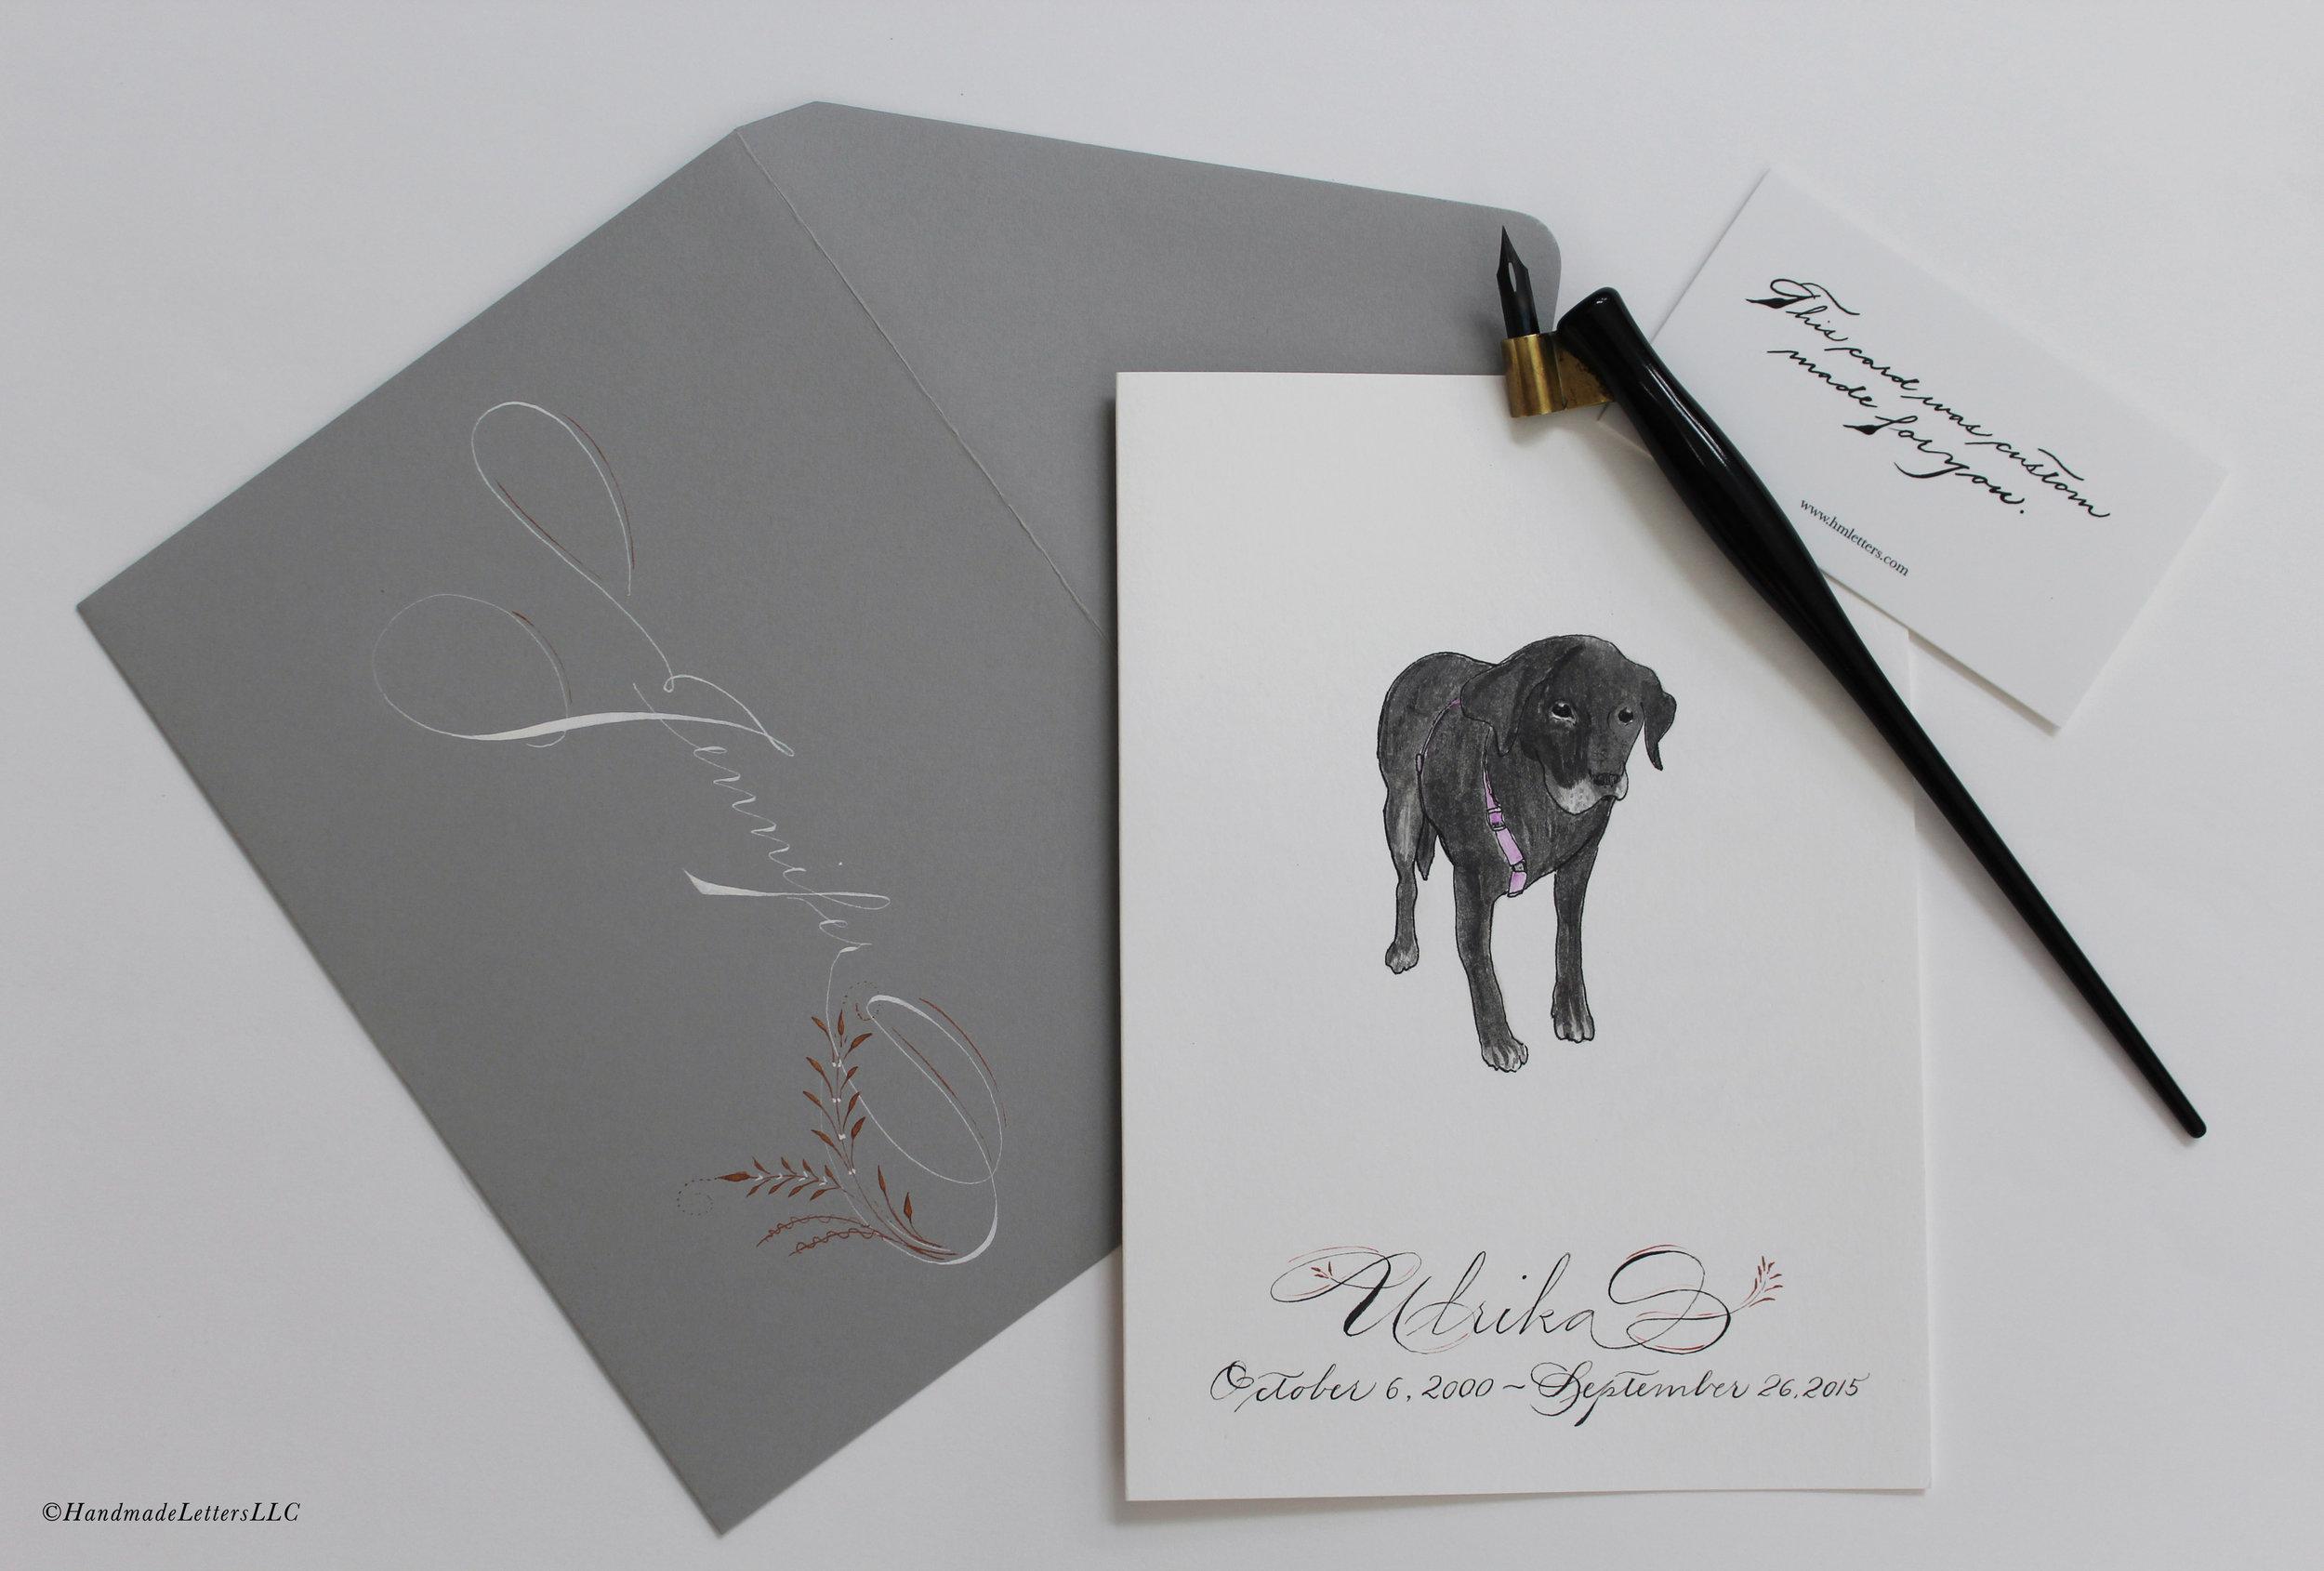 Handmade Letters - Letter for Jennifer